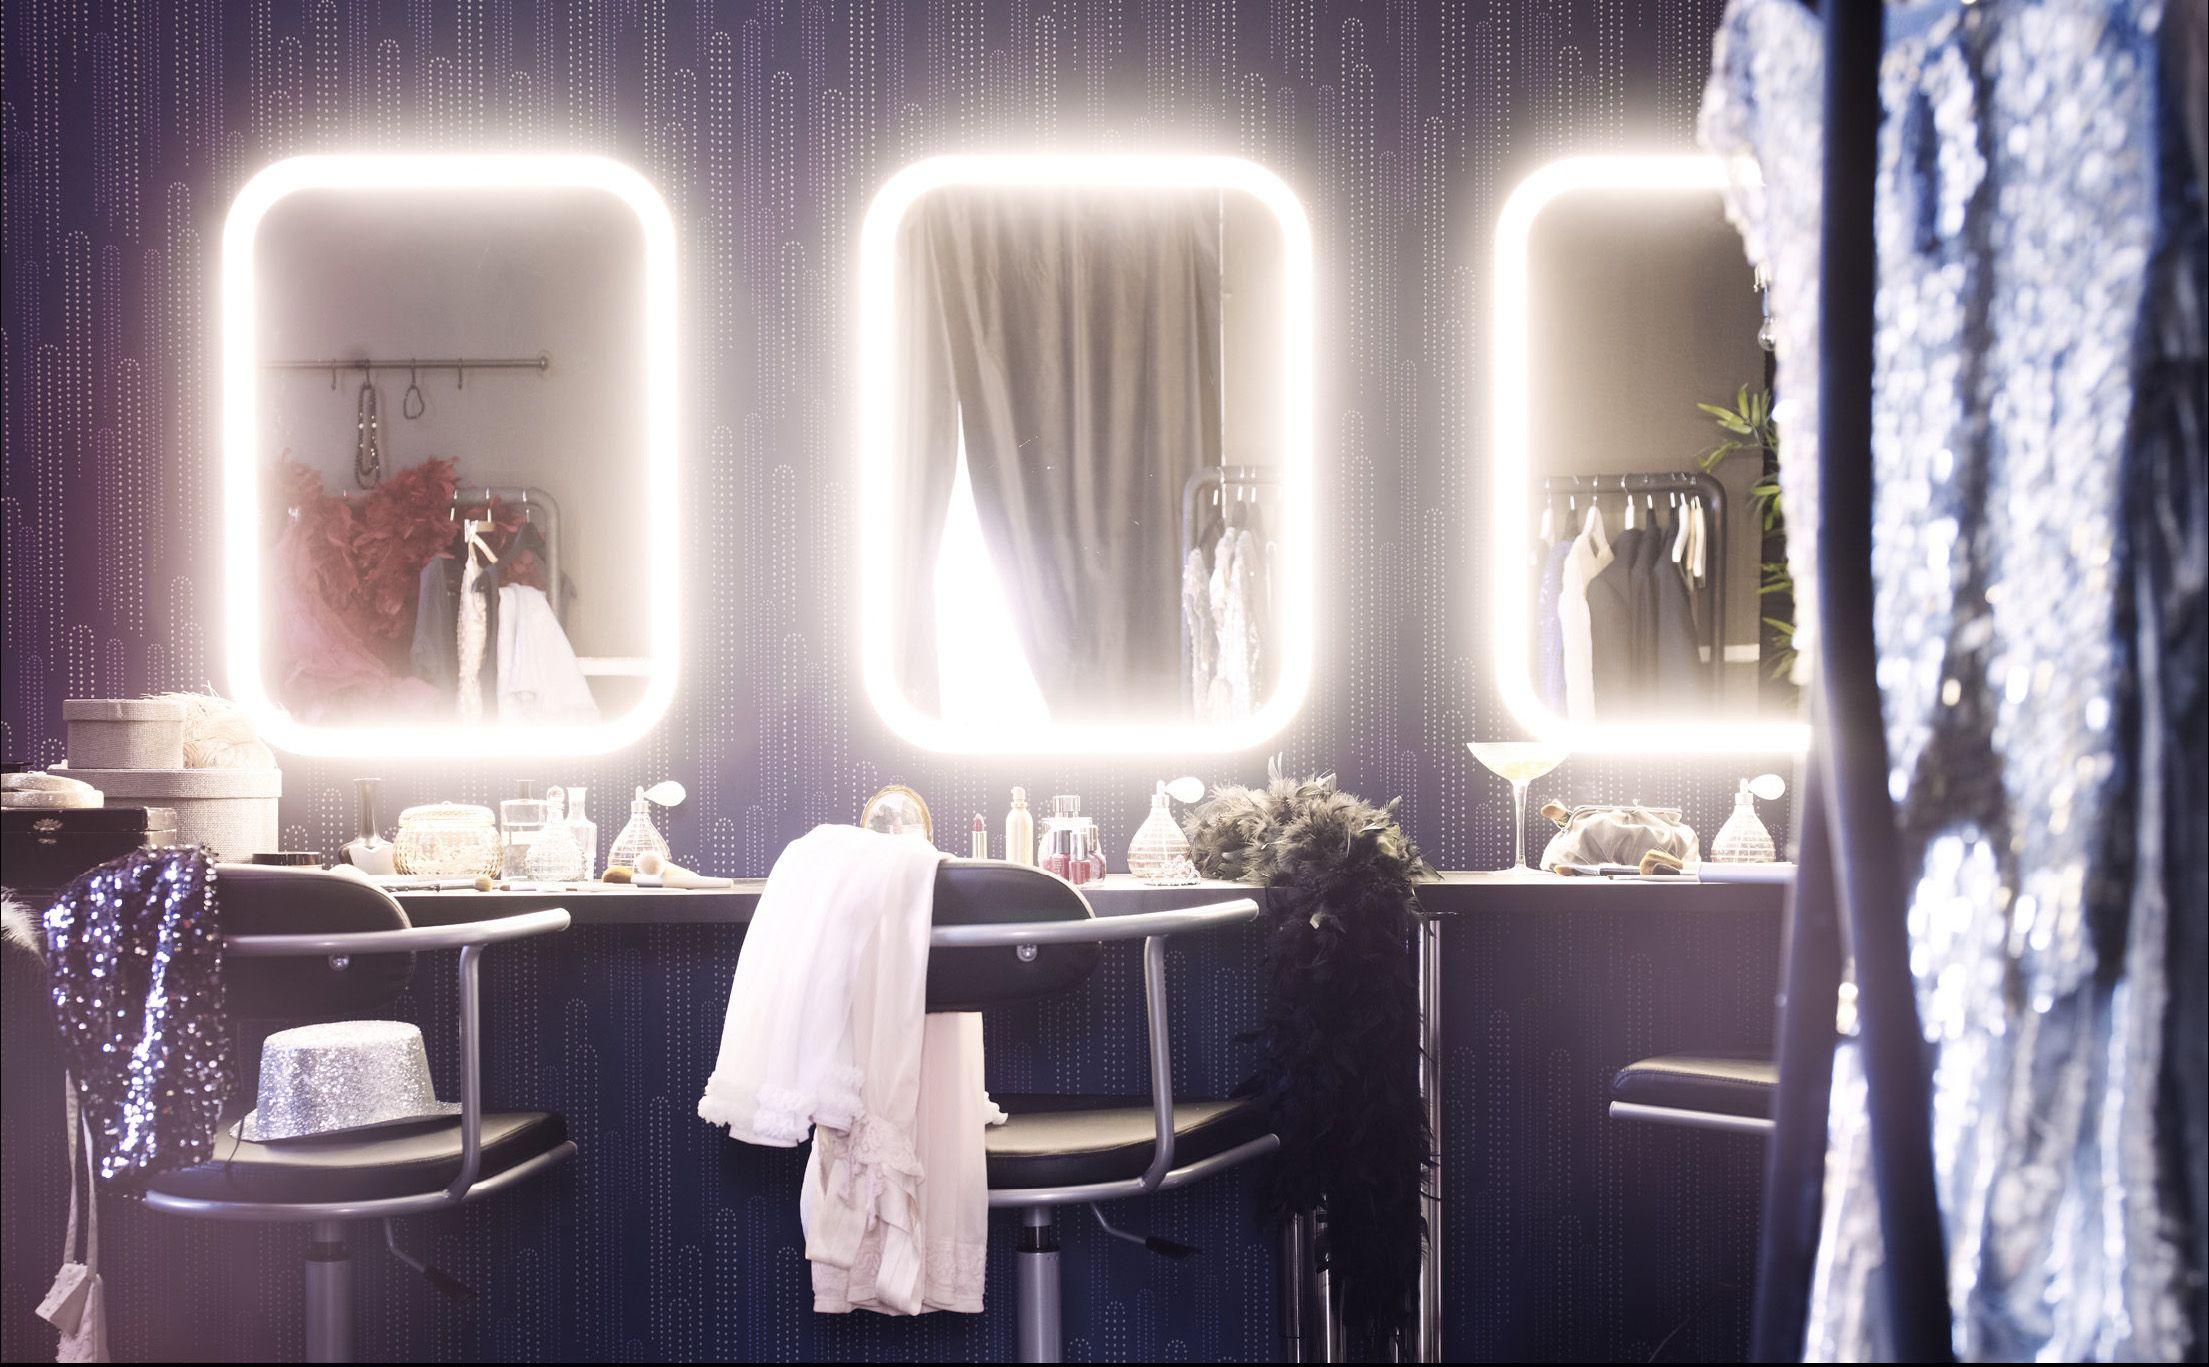 Ultra modern bedroom interior design ИКЕА ЮРДЕТ  Поиск в google  diy  pinterest